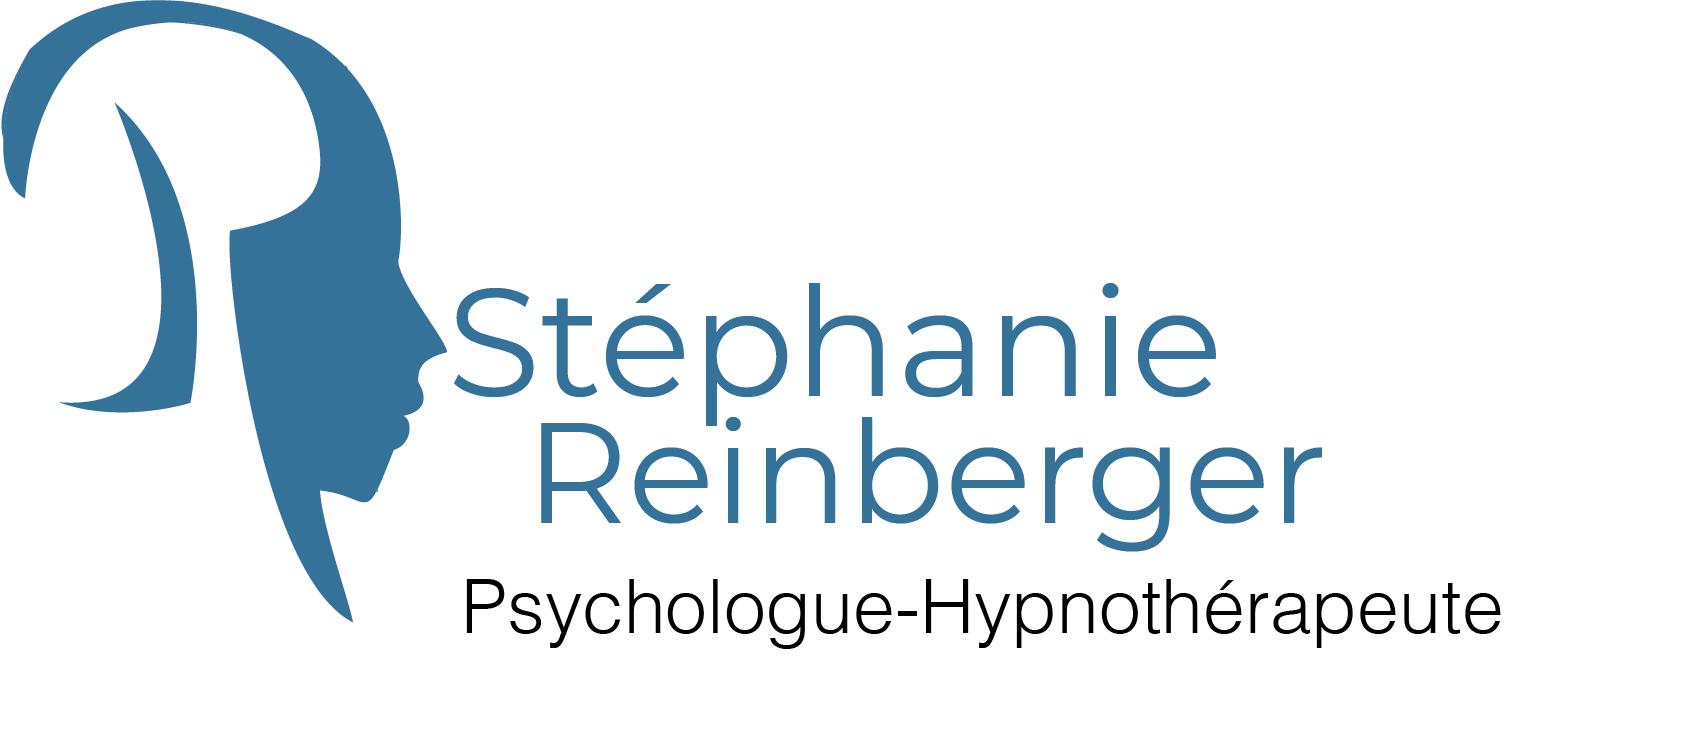 Stéphanie reinberger psychologue